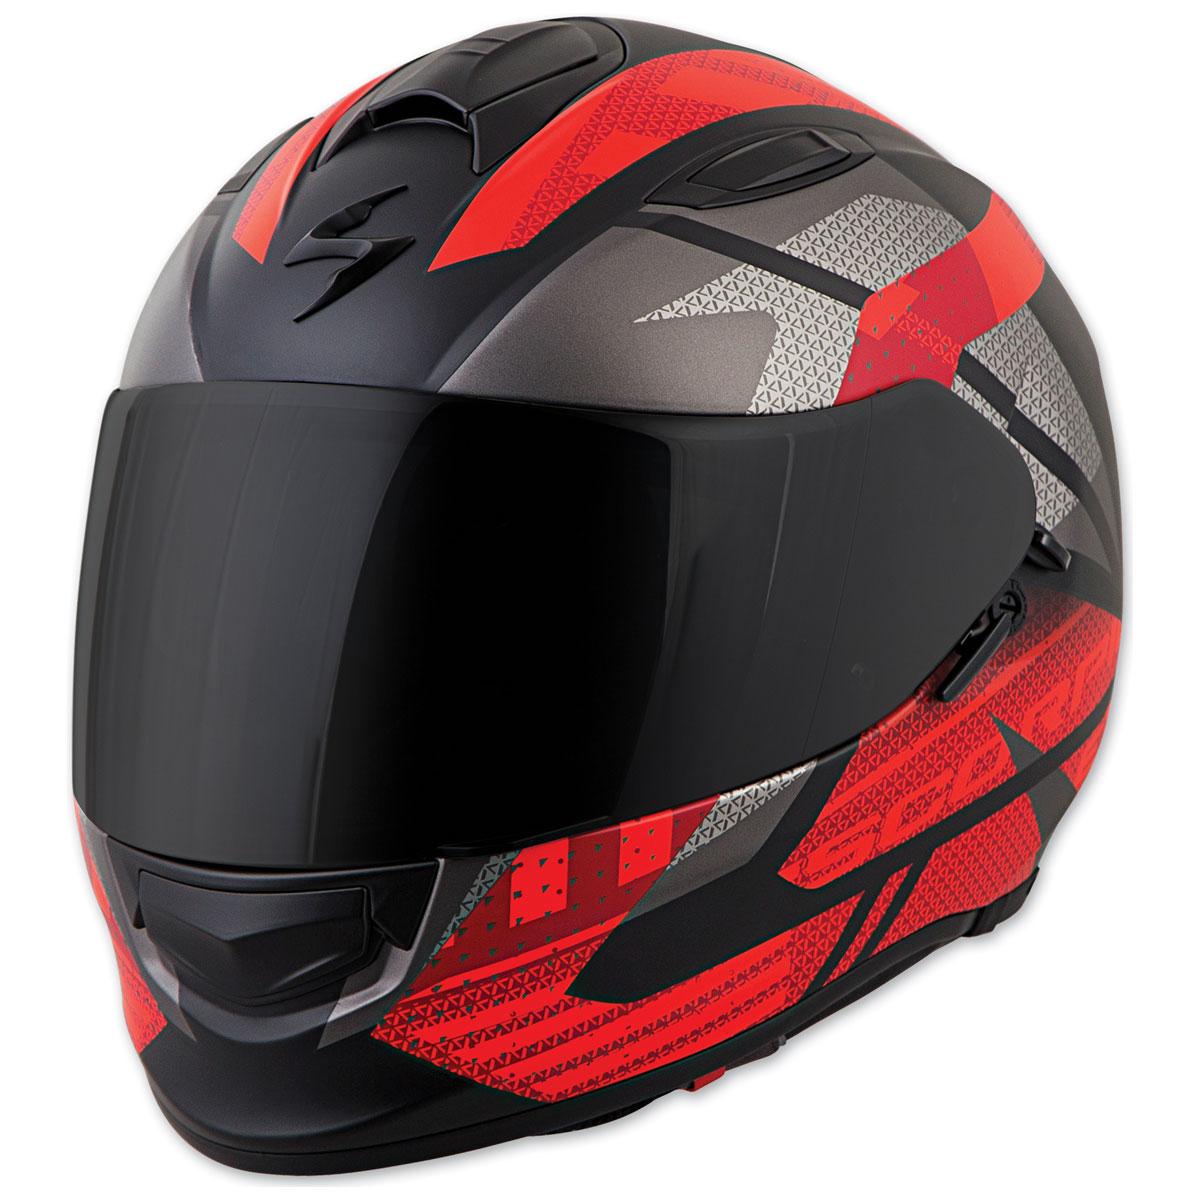 Scorpion EXO EXO-T510 Fury Black/Red Full Face Helmet